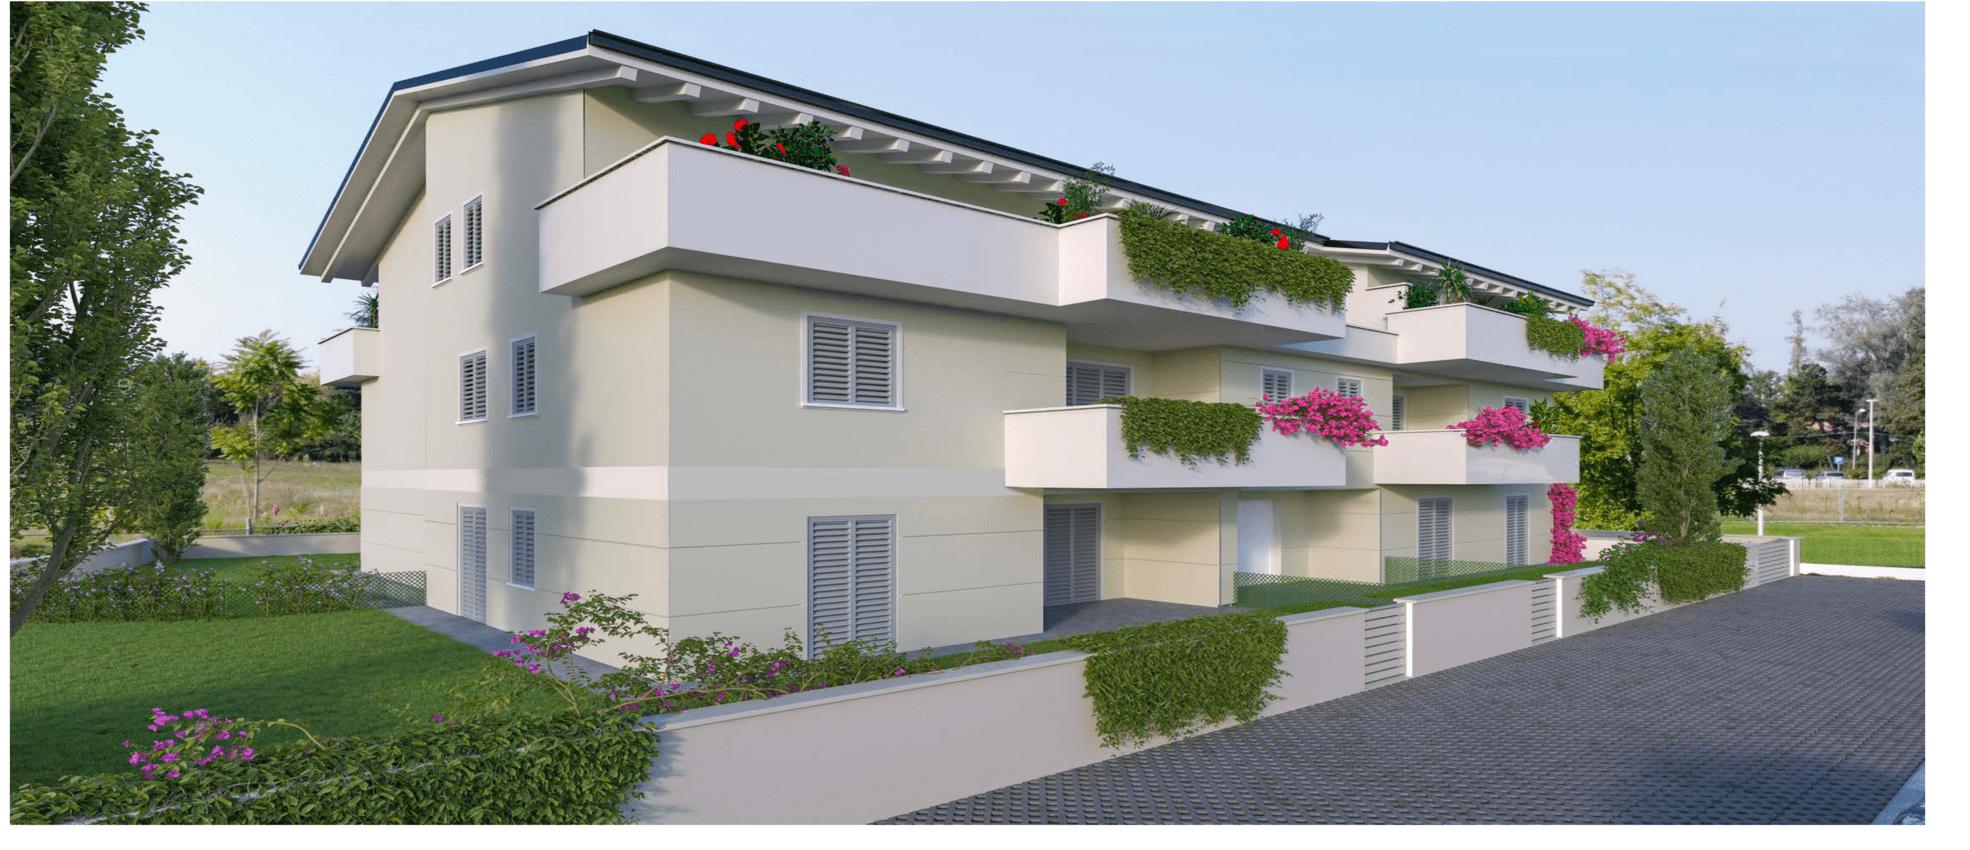 Appartamento con terrazzo a Montale Rangone – Rif. C019-A07